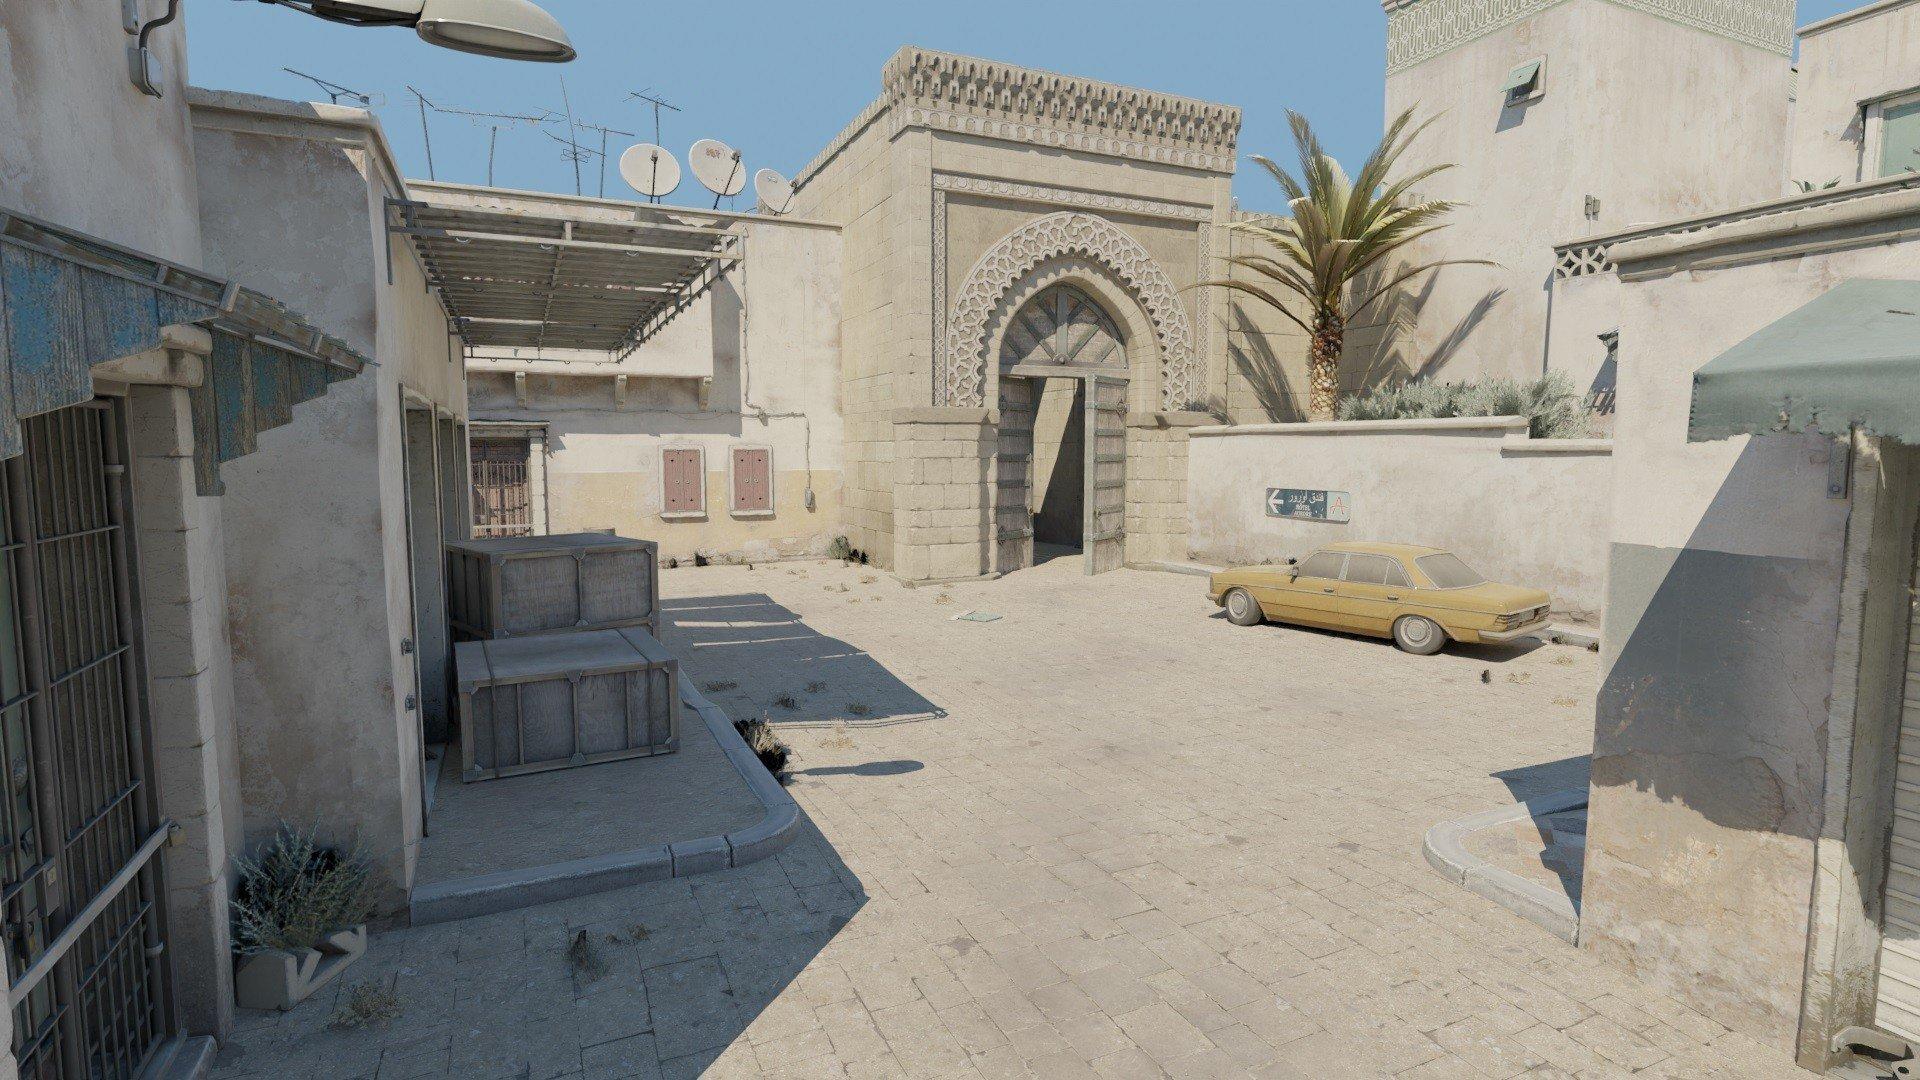 Дизайнер показал, как могли бы выглядеть Mirage, Dust 2 и Office в новой версии CS:GO